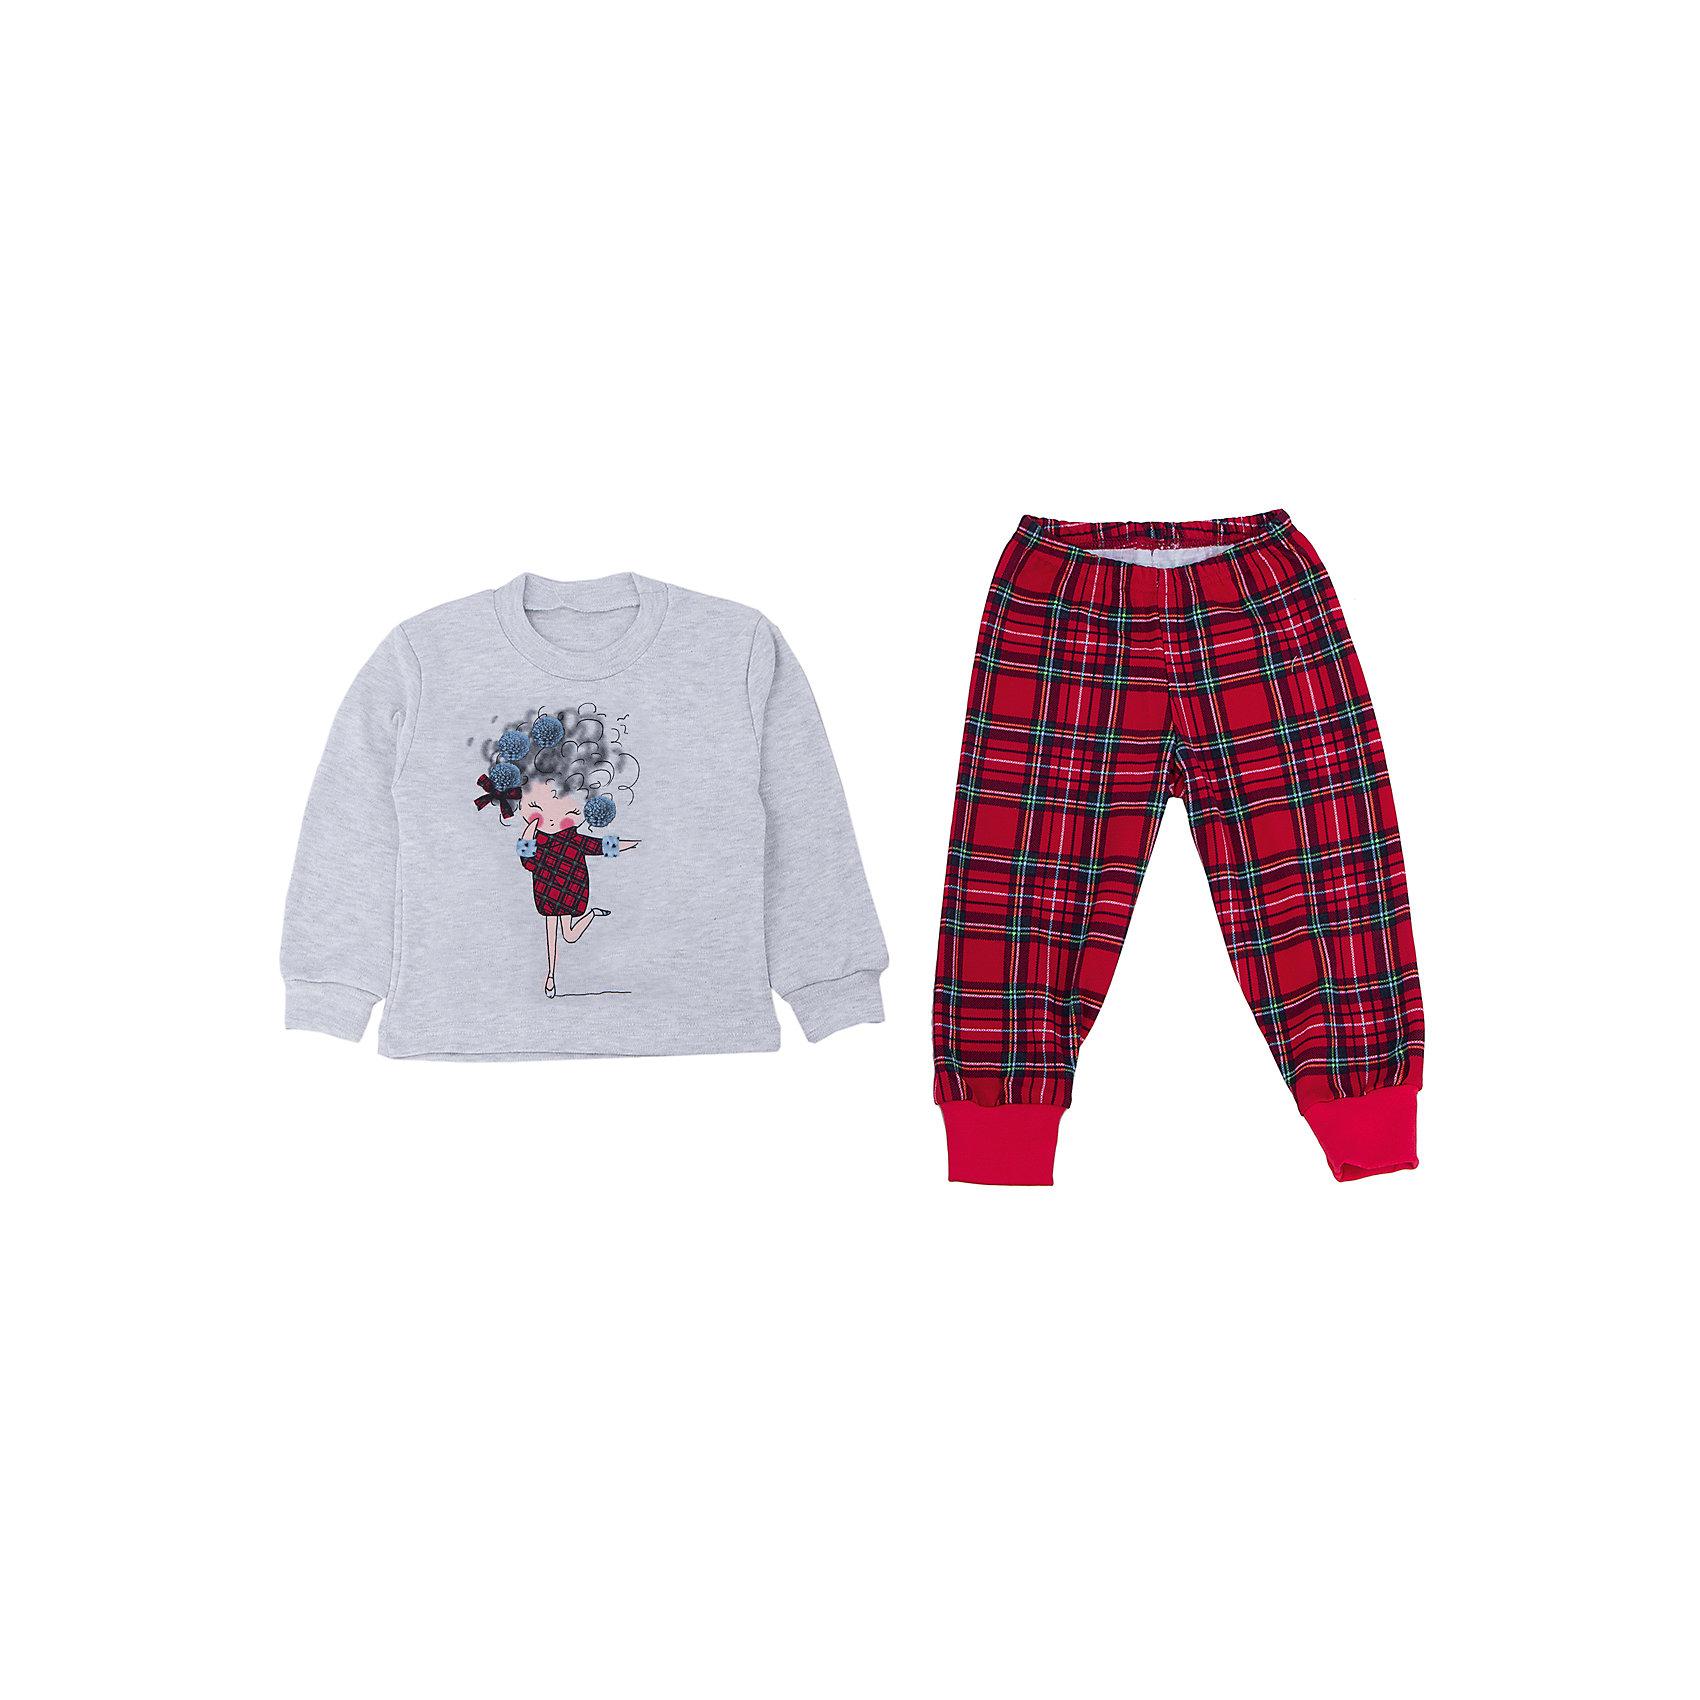 Пижама для девочки АпрельПижамы и сорочки<br>Пижама Апрель.<br><br>Характеристики:<br>• состав: 100% хлопок/70% хлопок, 30% полиэстер<br>• цвет: красный/серый<br>• рисунок: девочка<br><br>Пижама Апрель изготовлена из дышащих материалов, благодаря чему ваш ребенок не вспотеет во время сна. Зауженные манжеты и резинка на поясе не пропустят холодный воздух. Яркая расцветка нижней части пижамы отлично сочетается с верхом серого цвета, с красными вставками. Эта пижама подарит ребенку комфорт и самые яркие сны!<br><br>Пижаму Апрель вы можете приобрести в нашем интернет-магазине.<br><br>Ширина мм: 281<br>Глубина мм: 70<br>Высота мм: 188<br>Вес г: 295<br>Цвет: grau/rot<br>Возраст от месяцев: 36<br>Возраст до месяцев: 48<br>Пол: Женский<br>Возраст: Детский<br>Размер: 104,128,92,98,110,116,122<br>SKU: 4936920